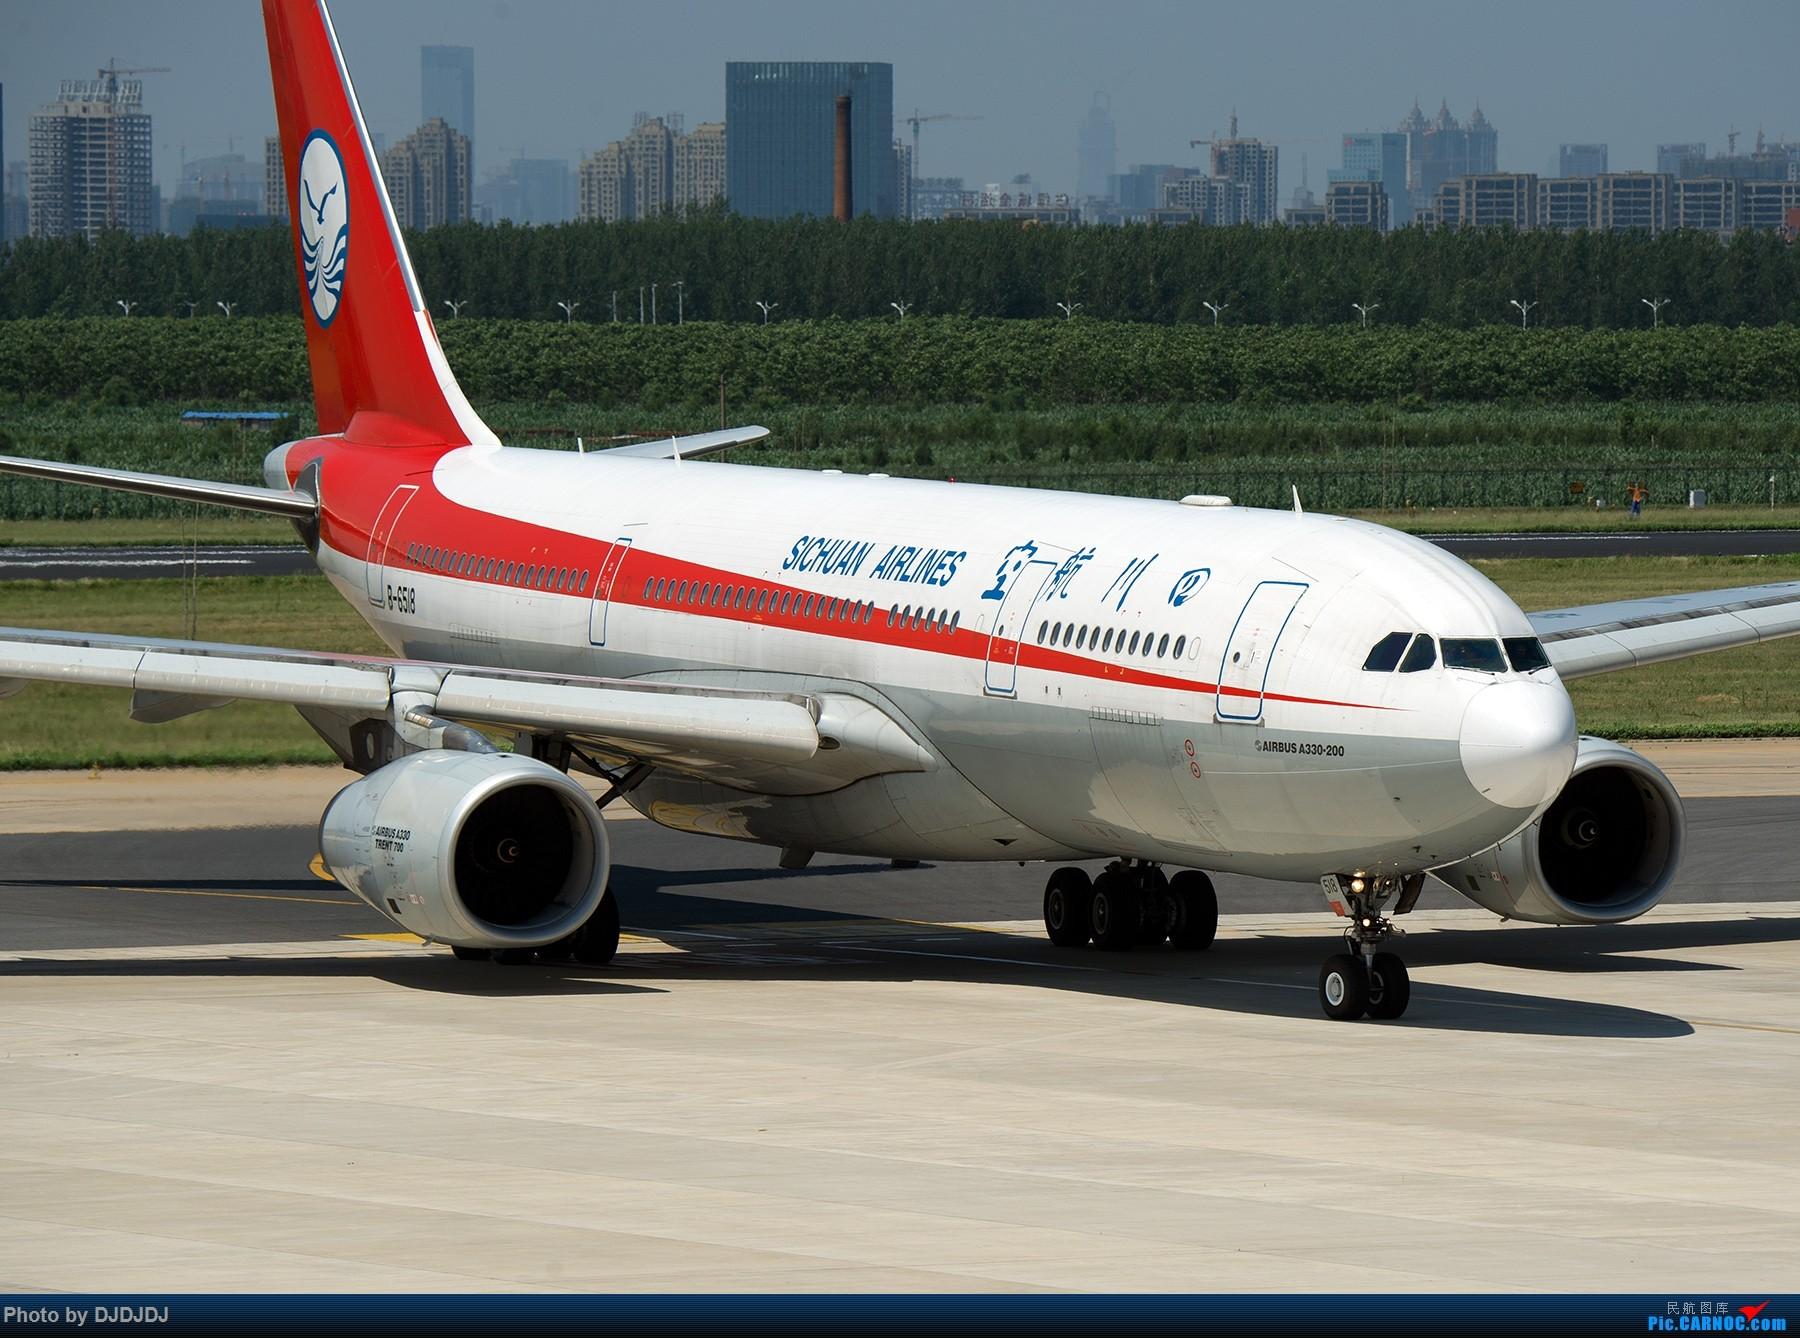 [原创]【BLDDQ】SHE AIRBUS A330-200 B-6518 中国沈阳桃仙国际机场